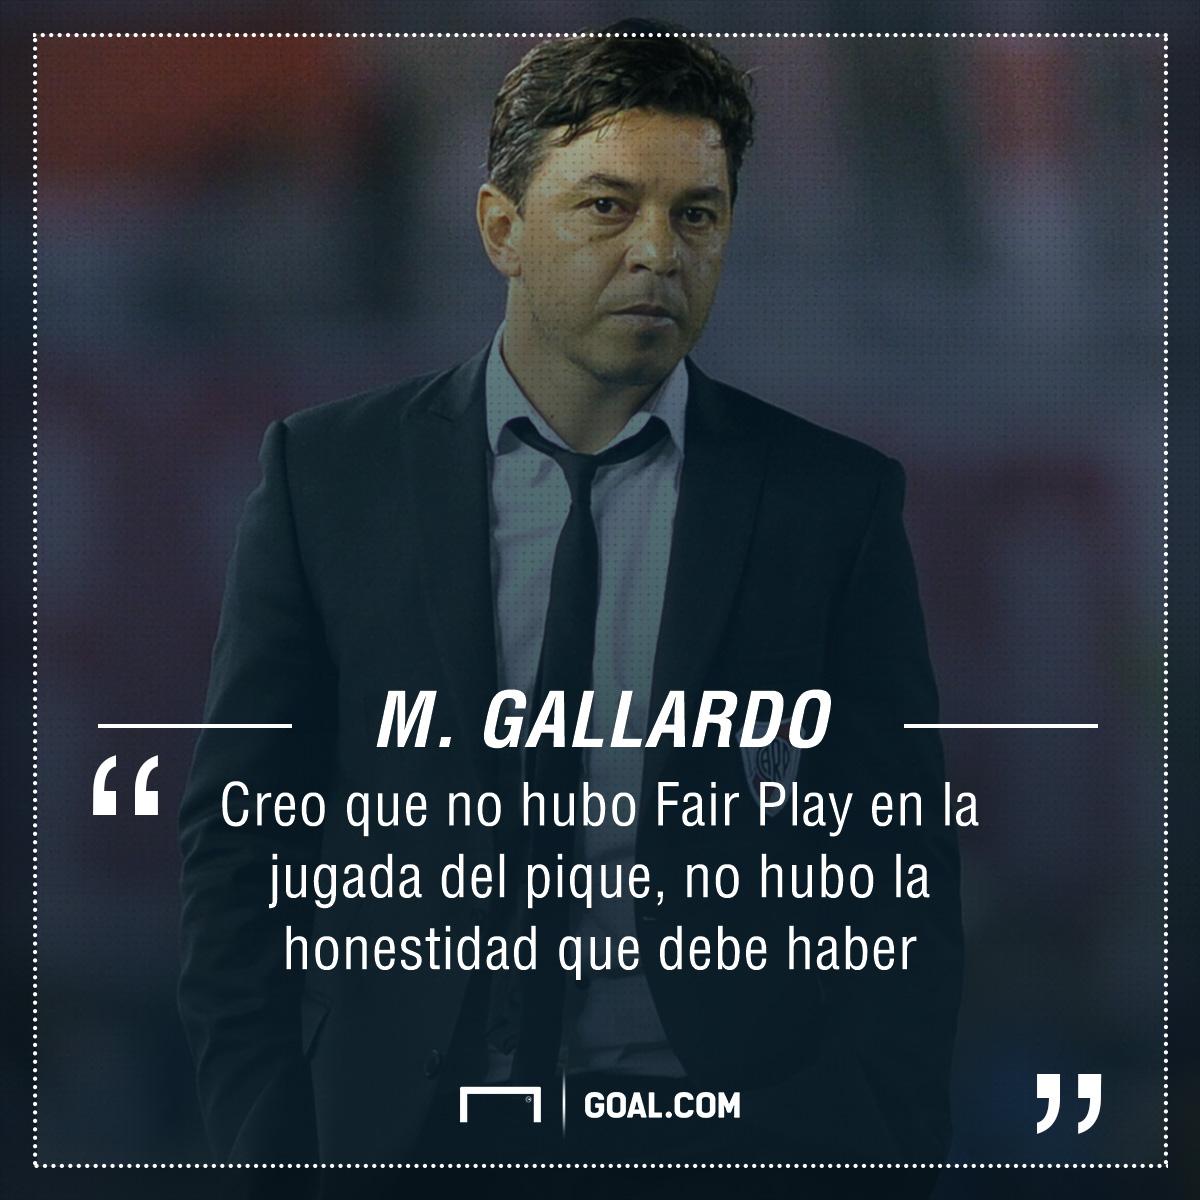 Gallardo No Hubo Fair Play En La Jugada Del Pique Pero